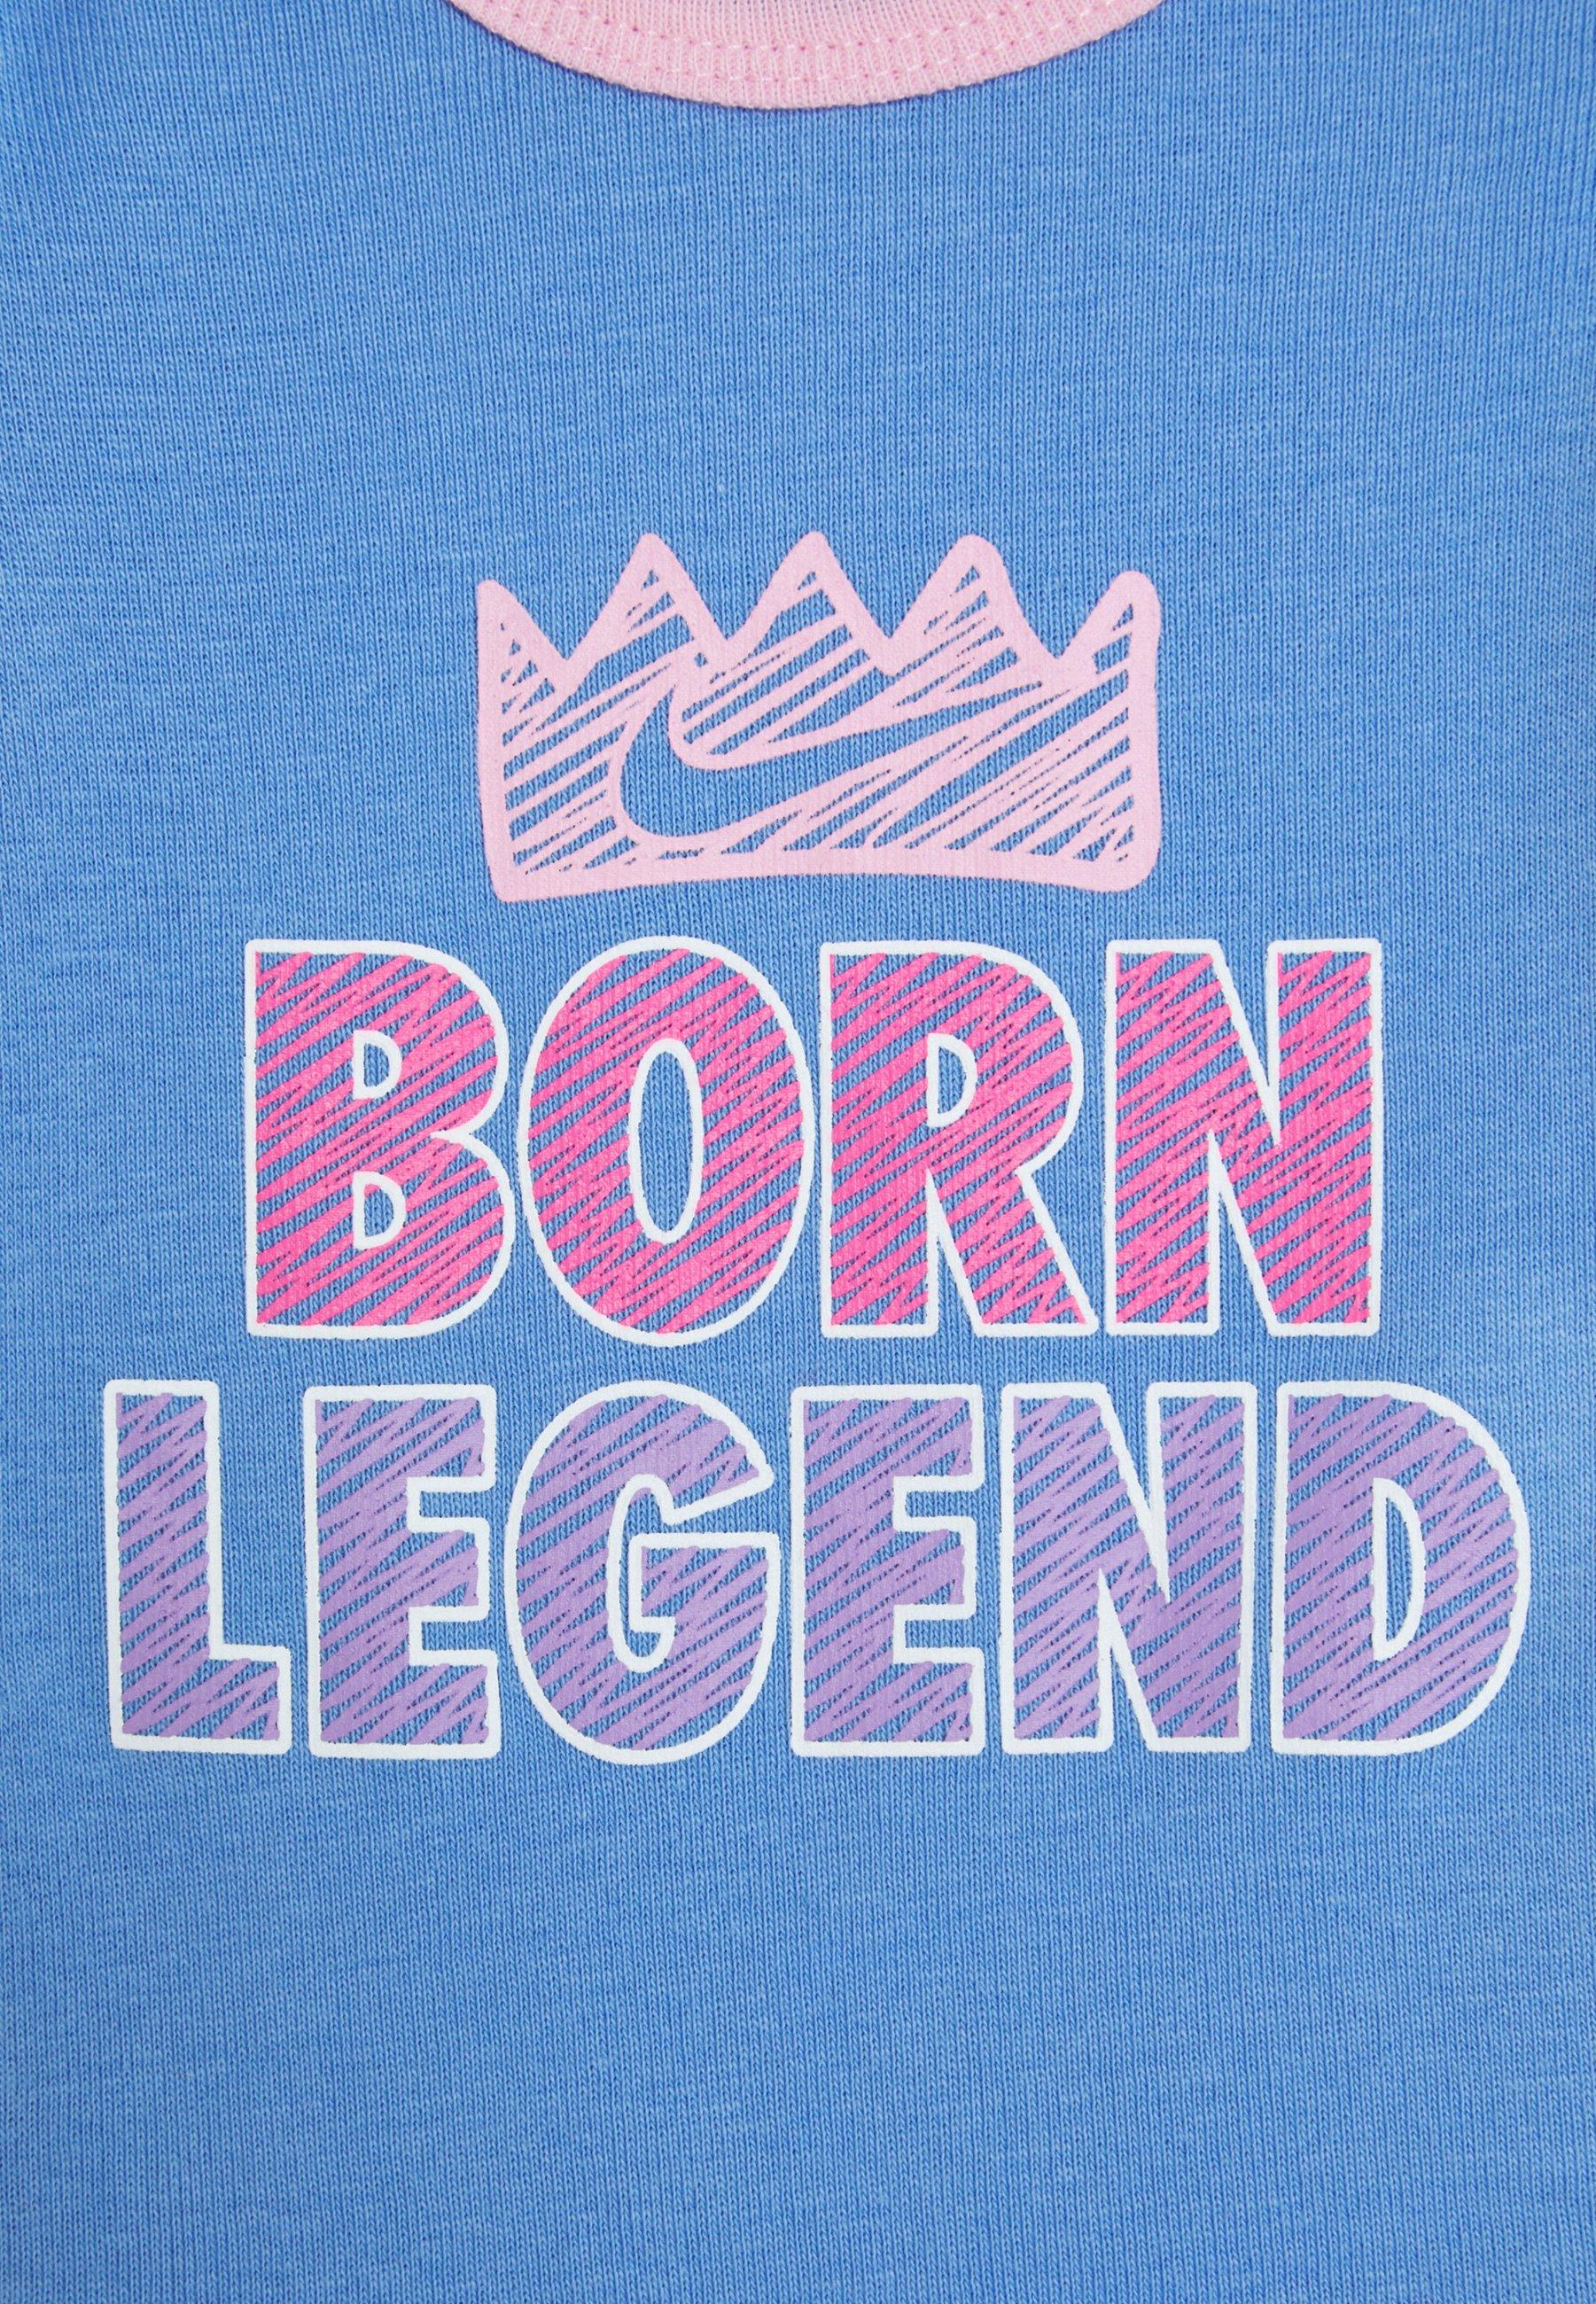 BORN LEGEND SET Bonnet royal pulse